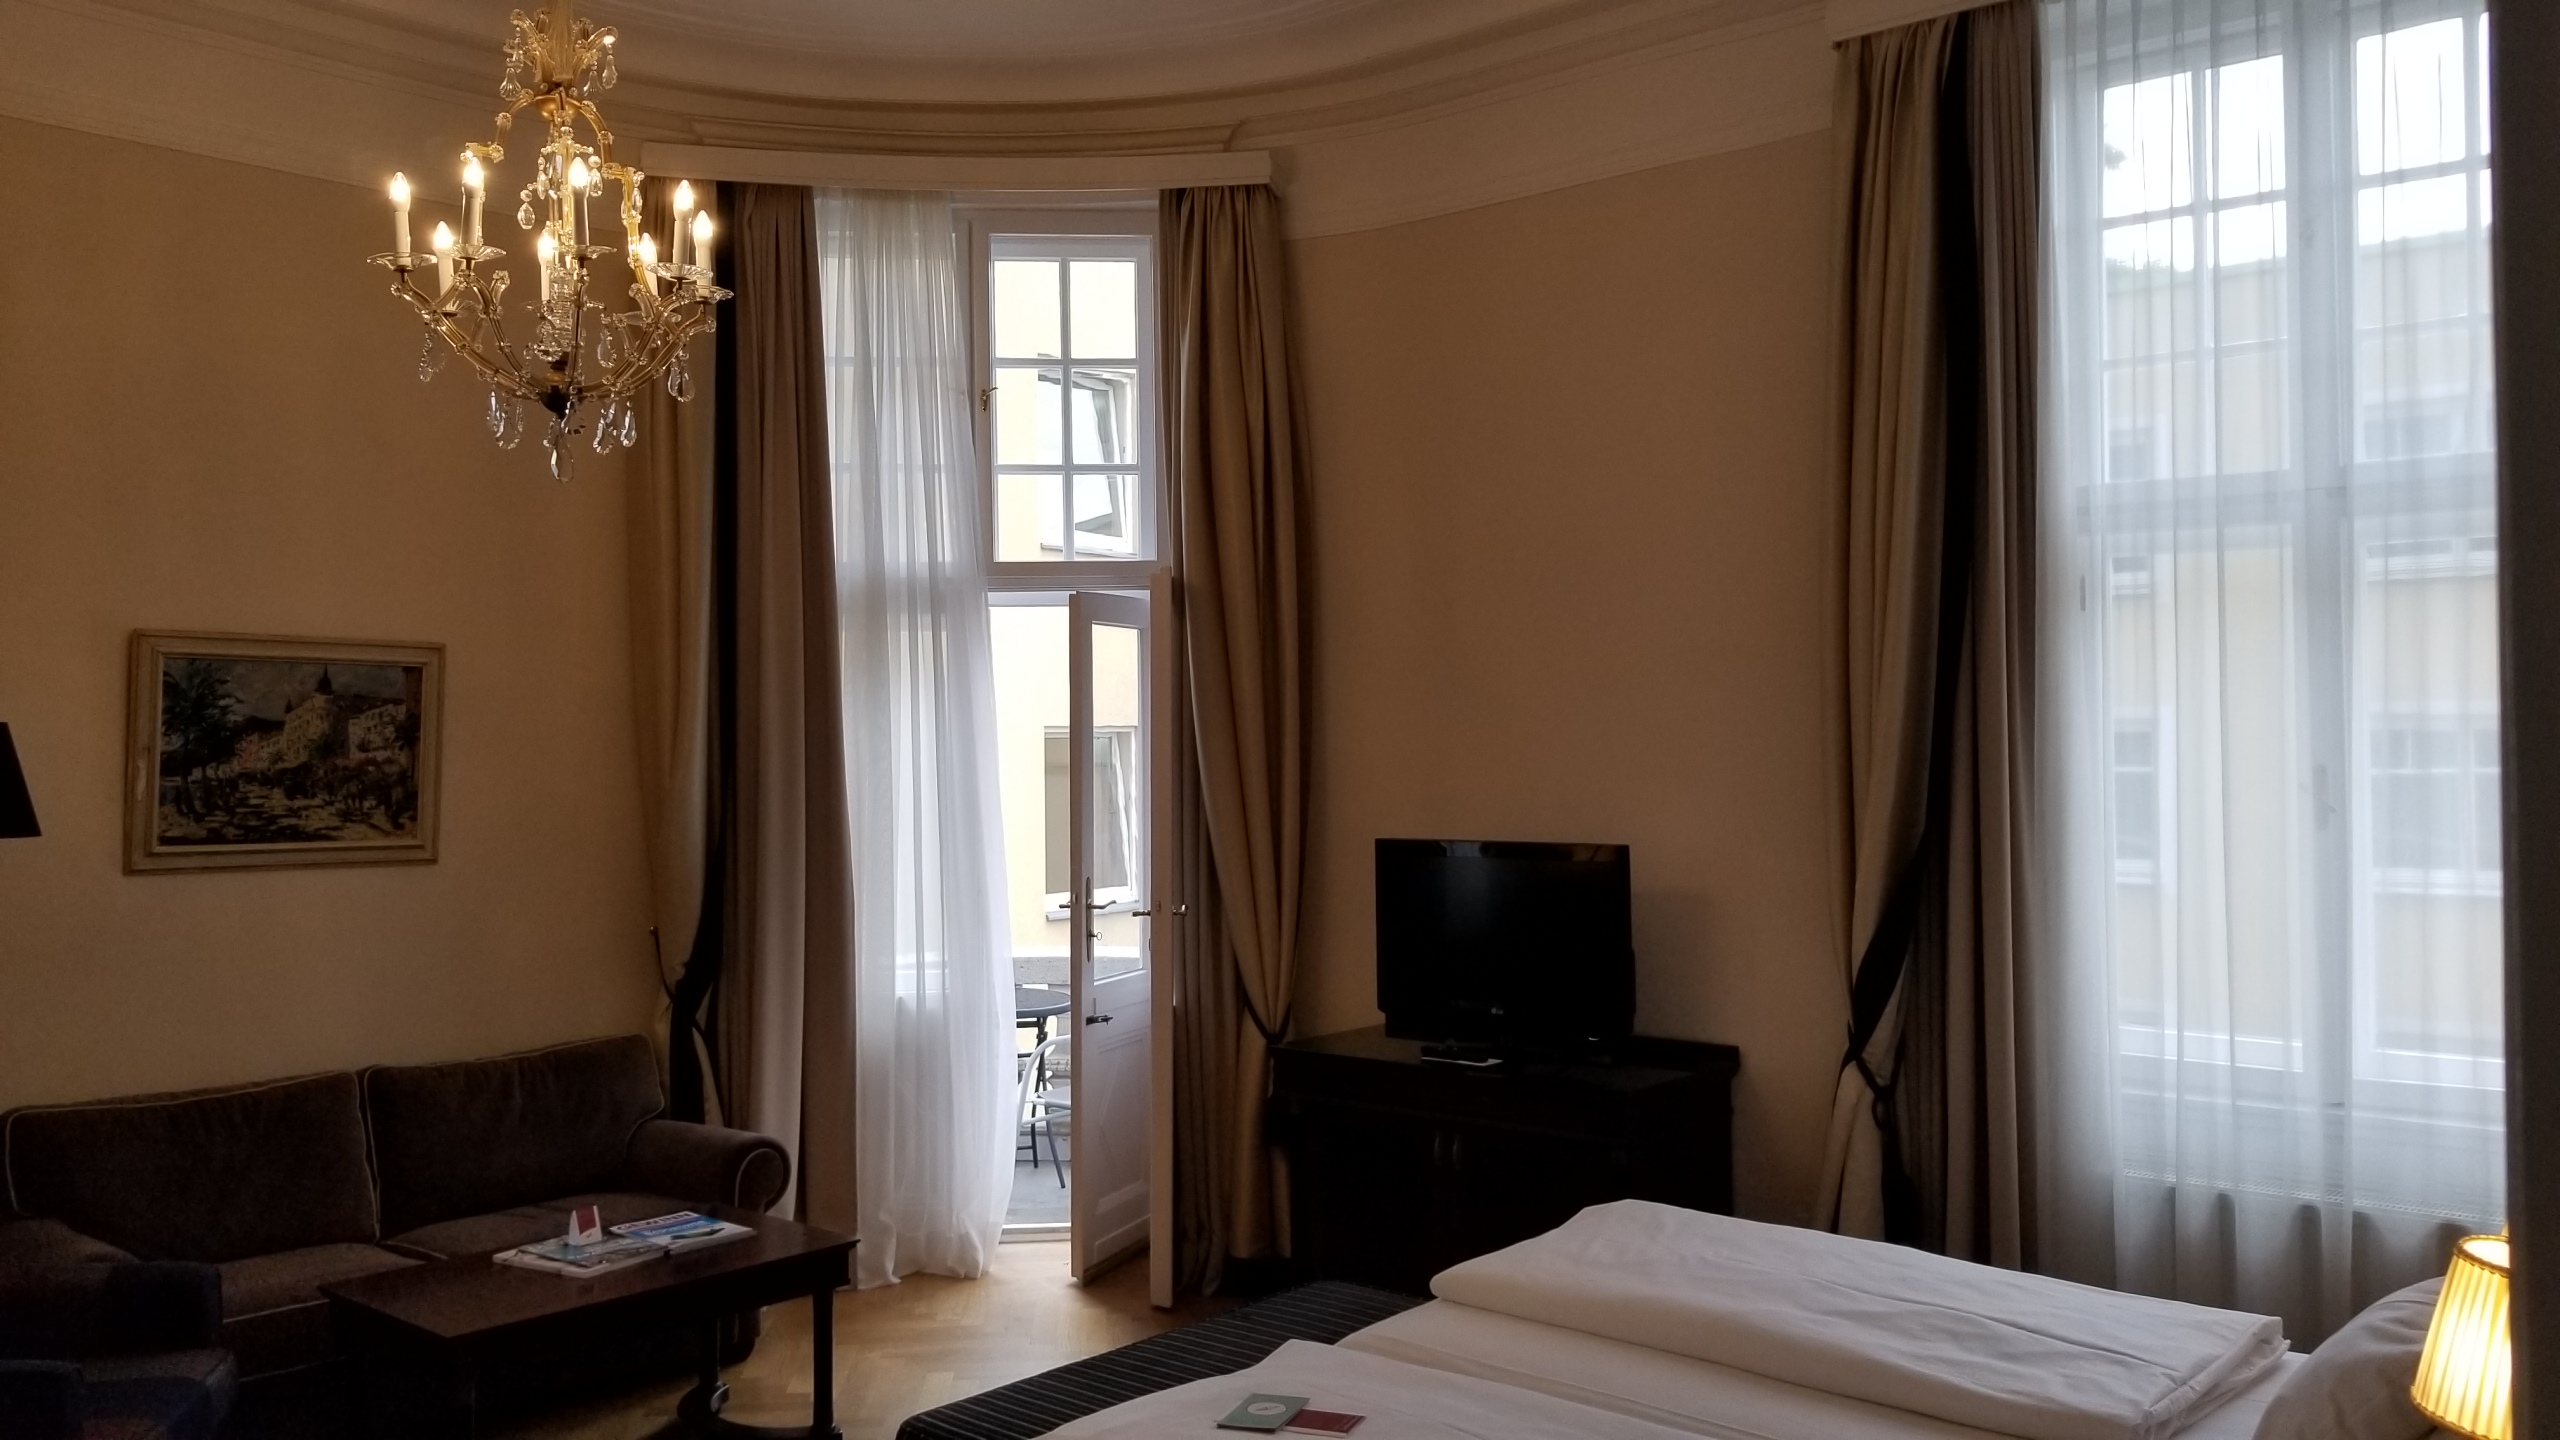 Suite at Austria Trend Parkhotel Schonbrunn